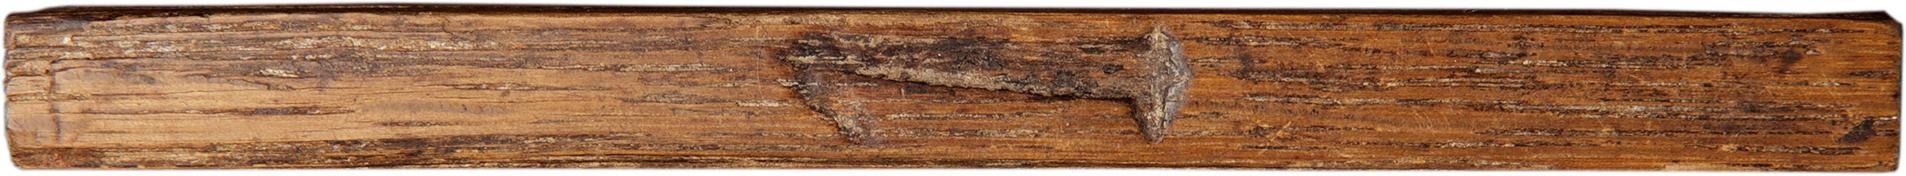 Tige de bois érodée au milieu de laquelle est gravé un gros chiffre « 1 ».